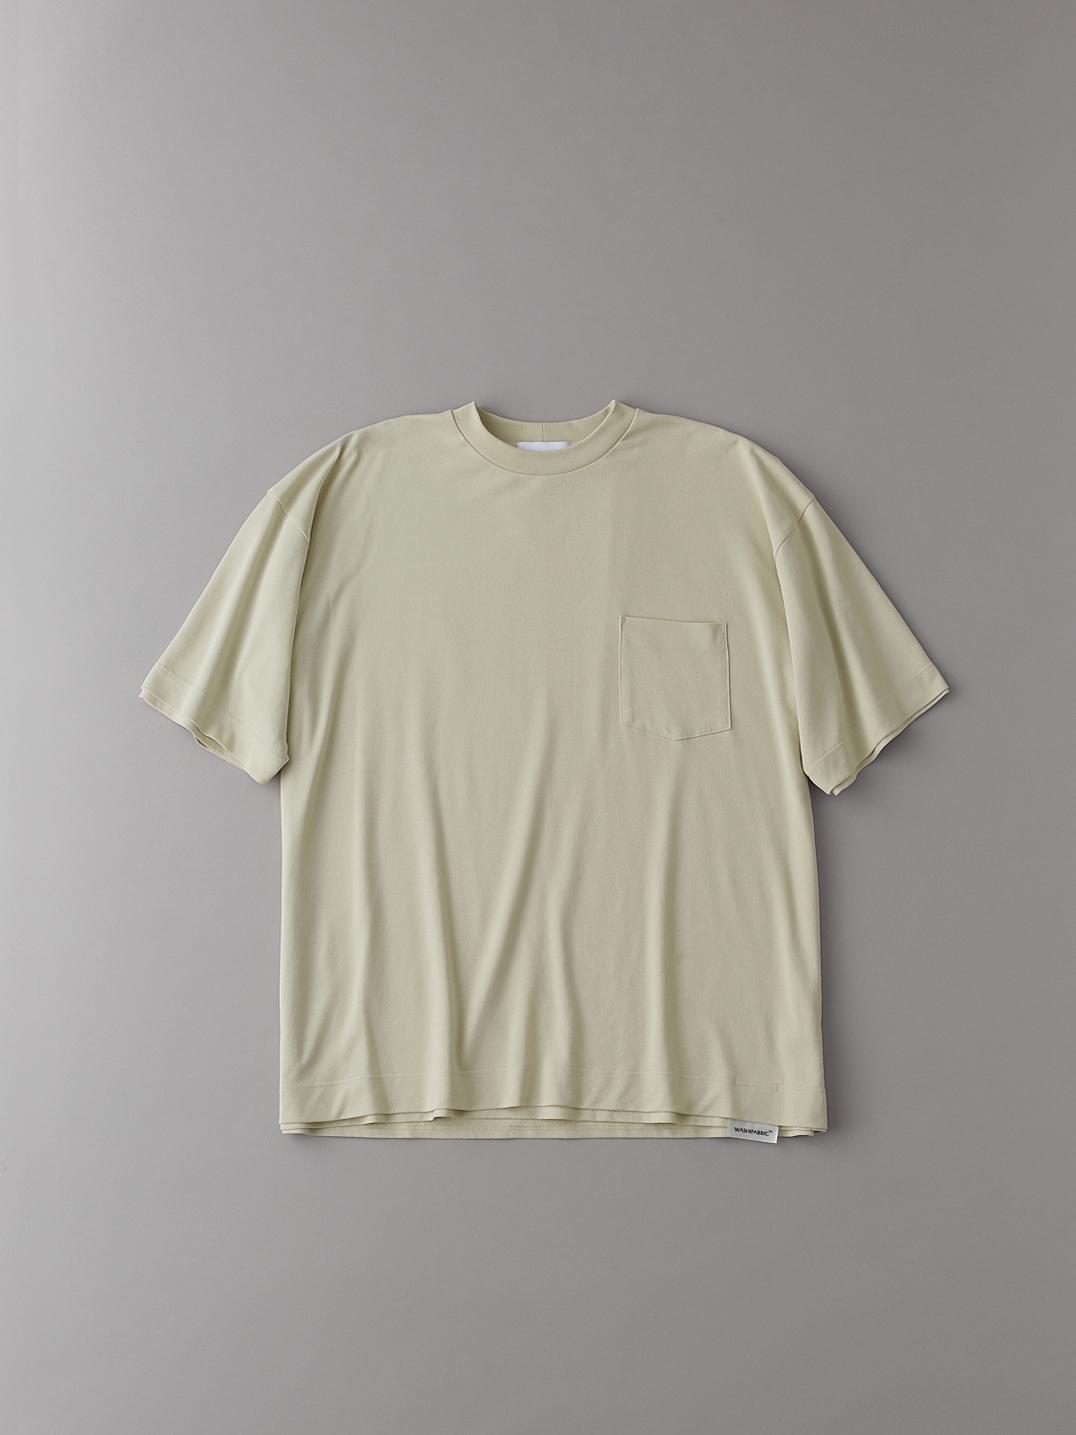 オールダブルTシャツ【メンズ】(IVR-1)